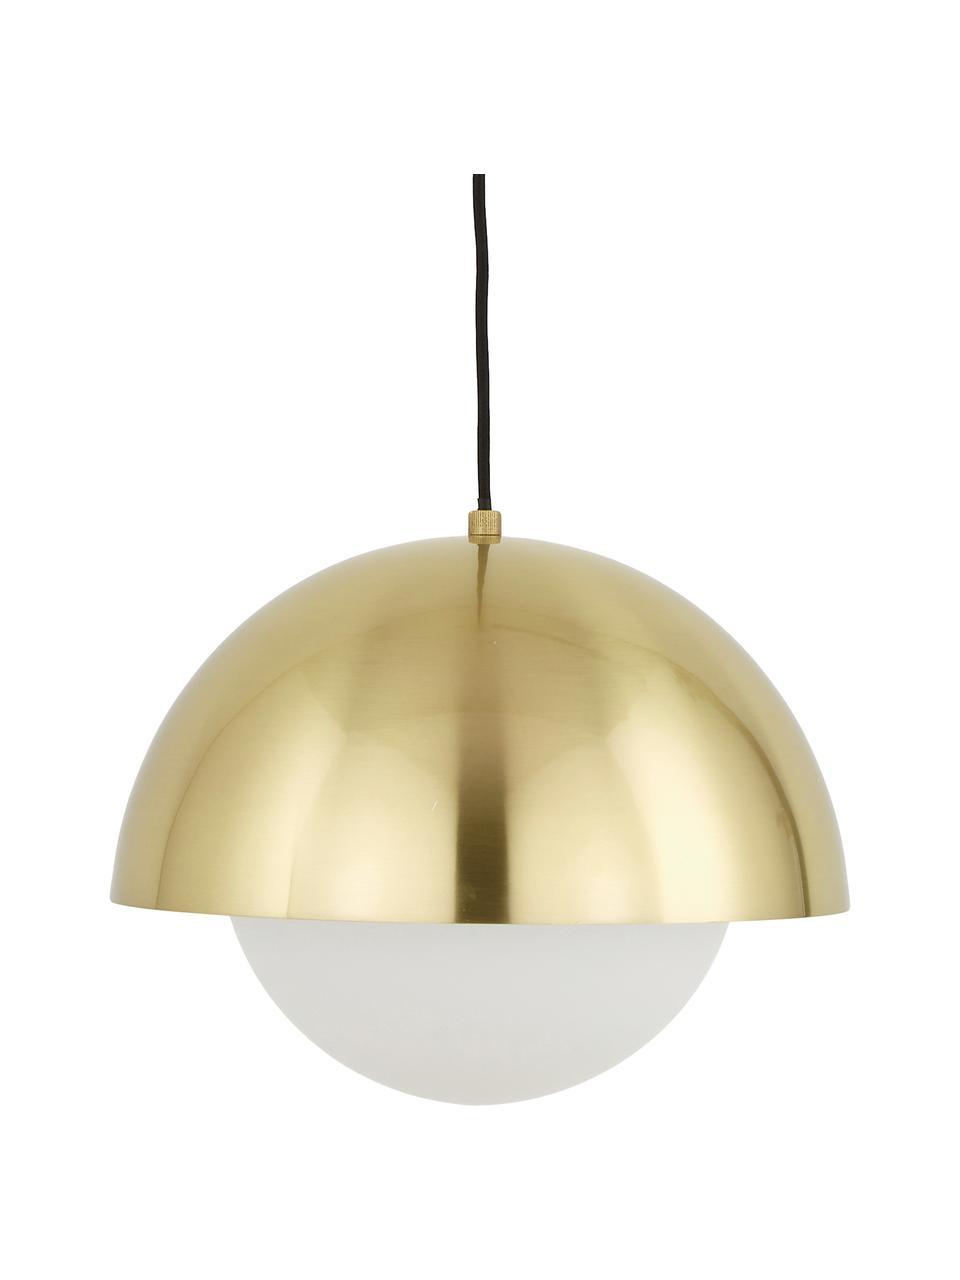 Suspension métal doré Lucille, Laiton, blanc